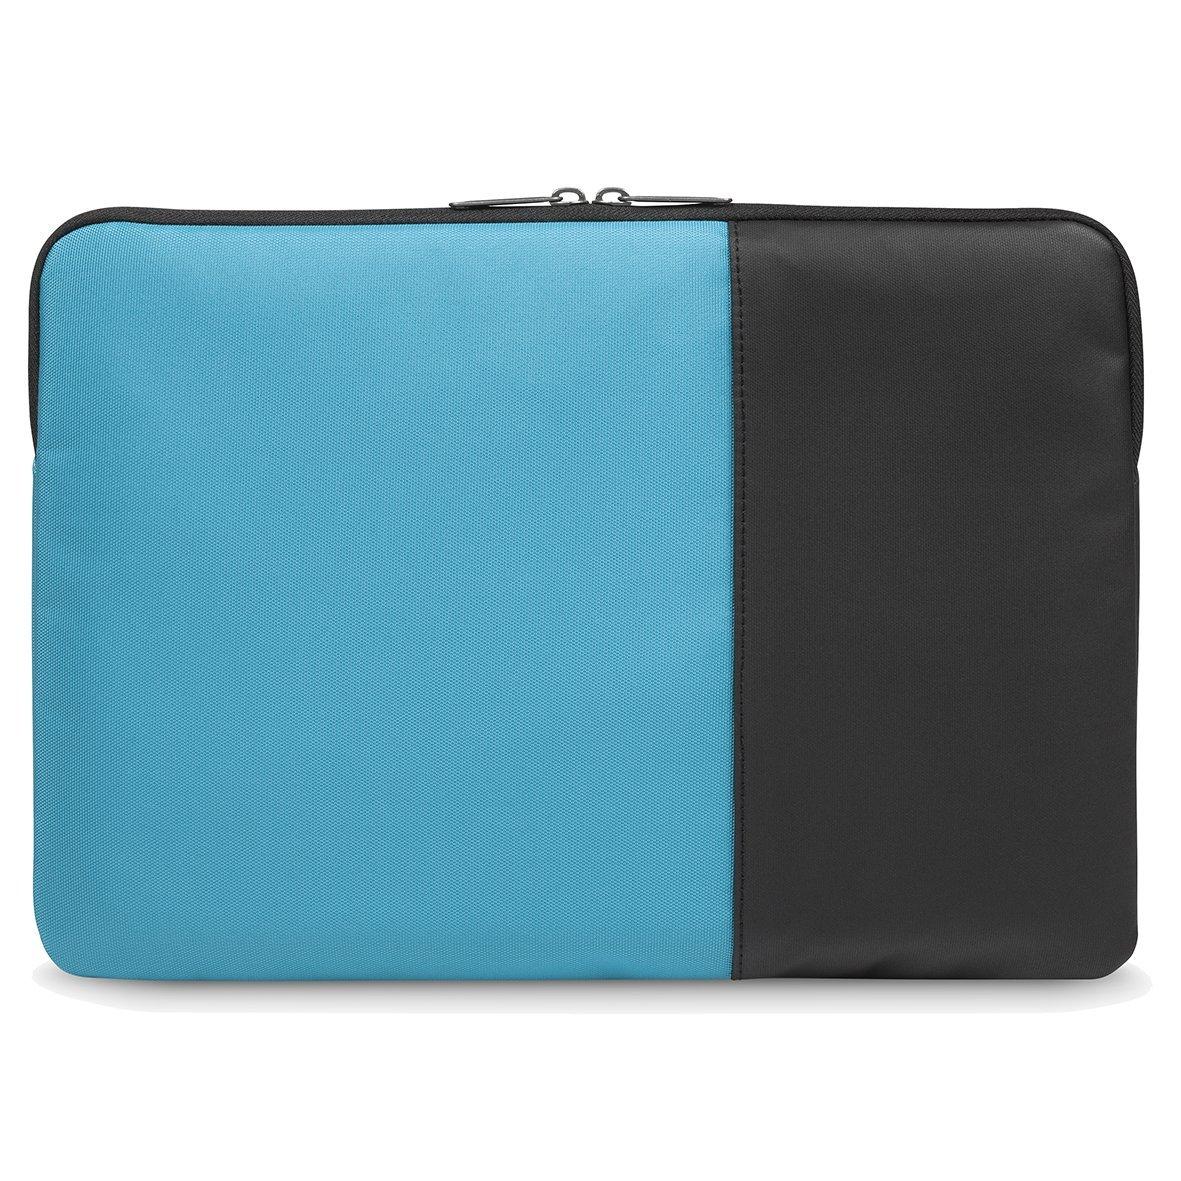 071 SHIPS FREE Neoprene Laptop Tablet cover